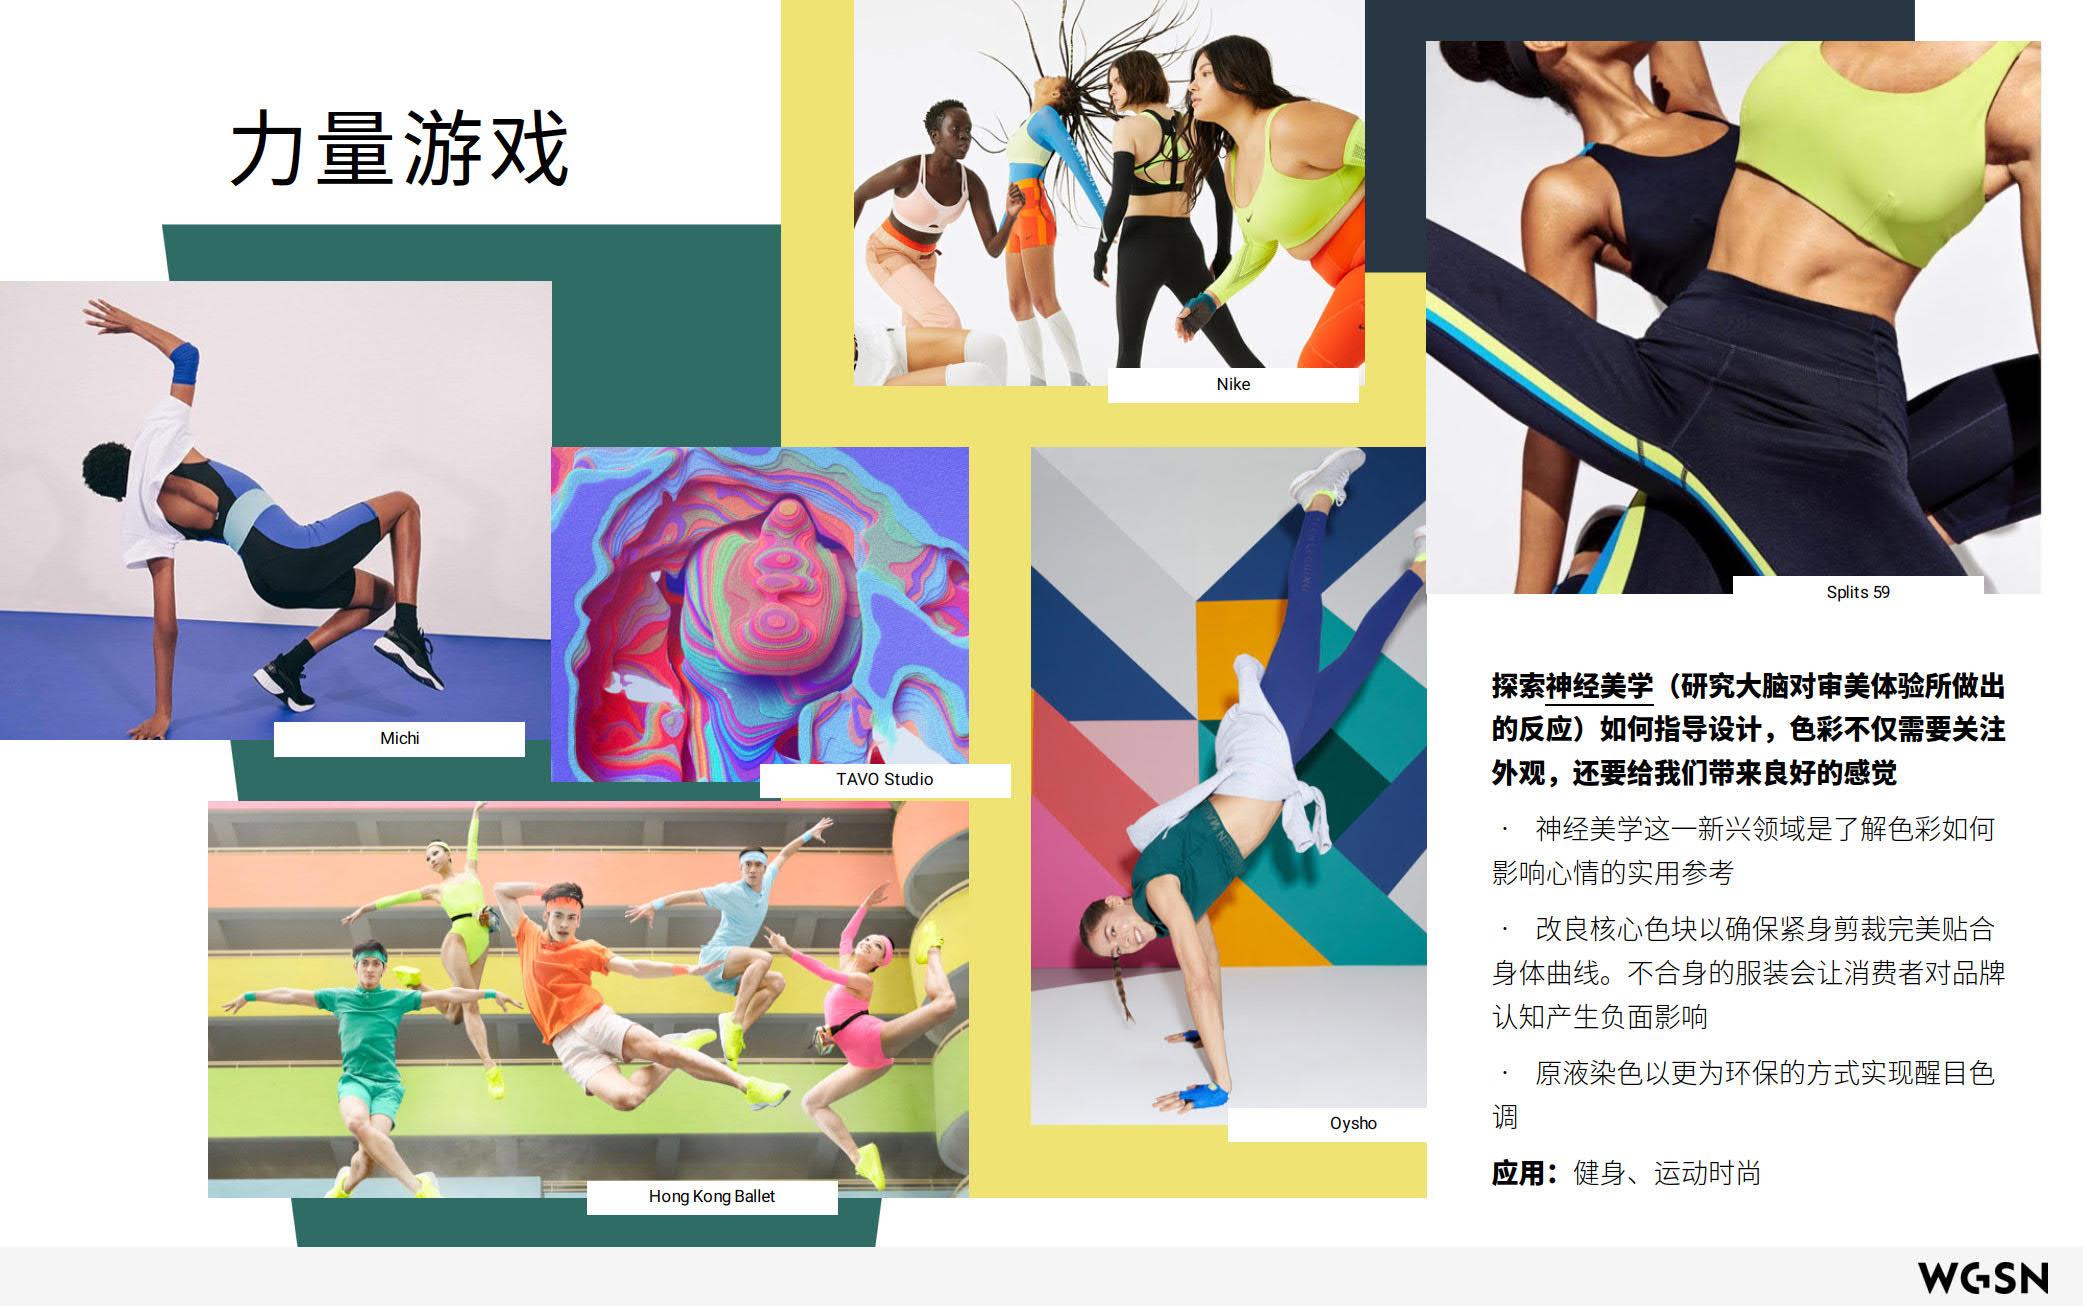 2021年春夏运动风格趋势概念:炫境-POP花型网